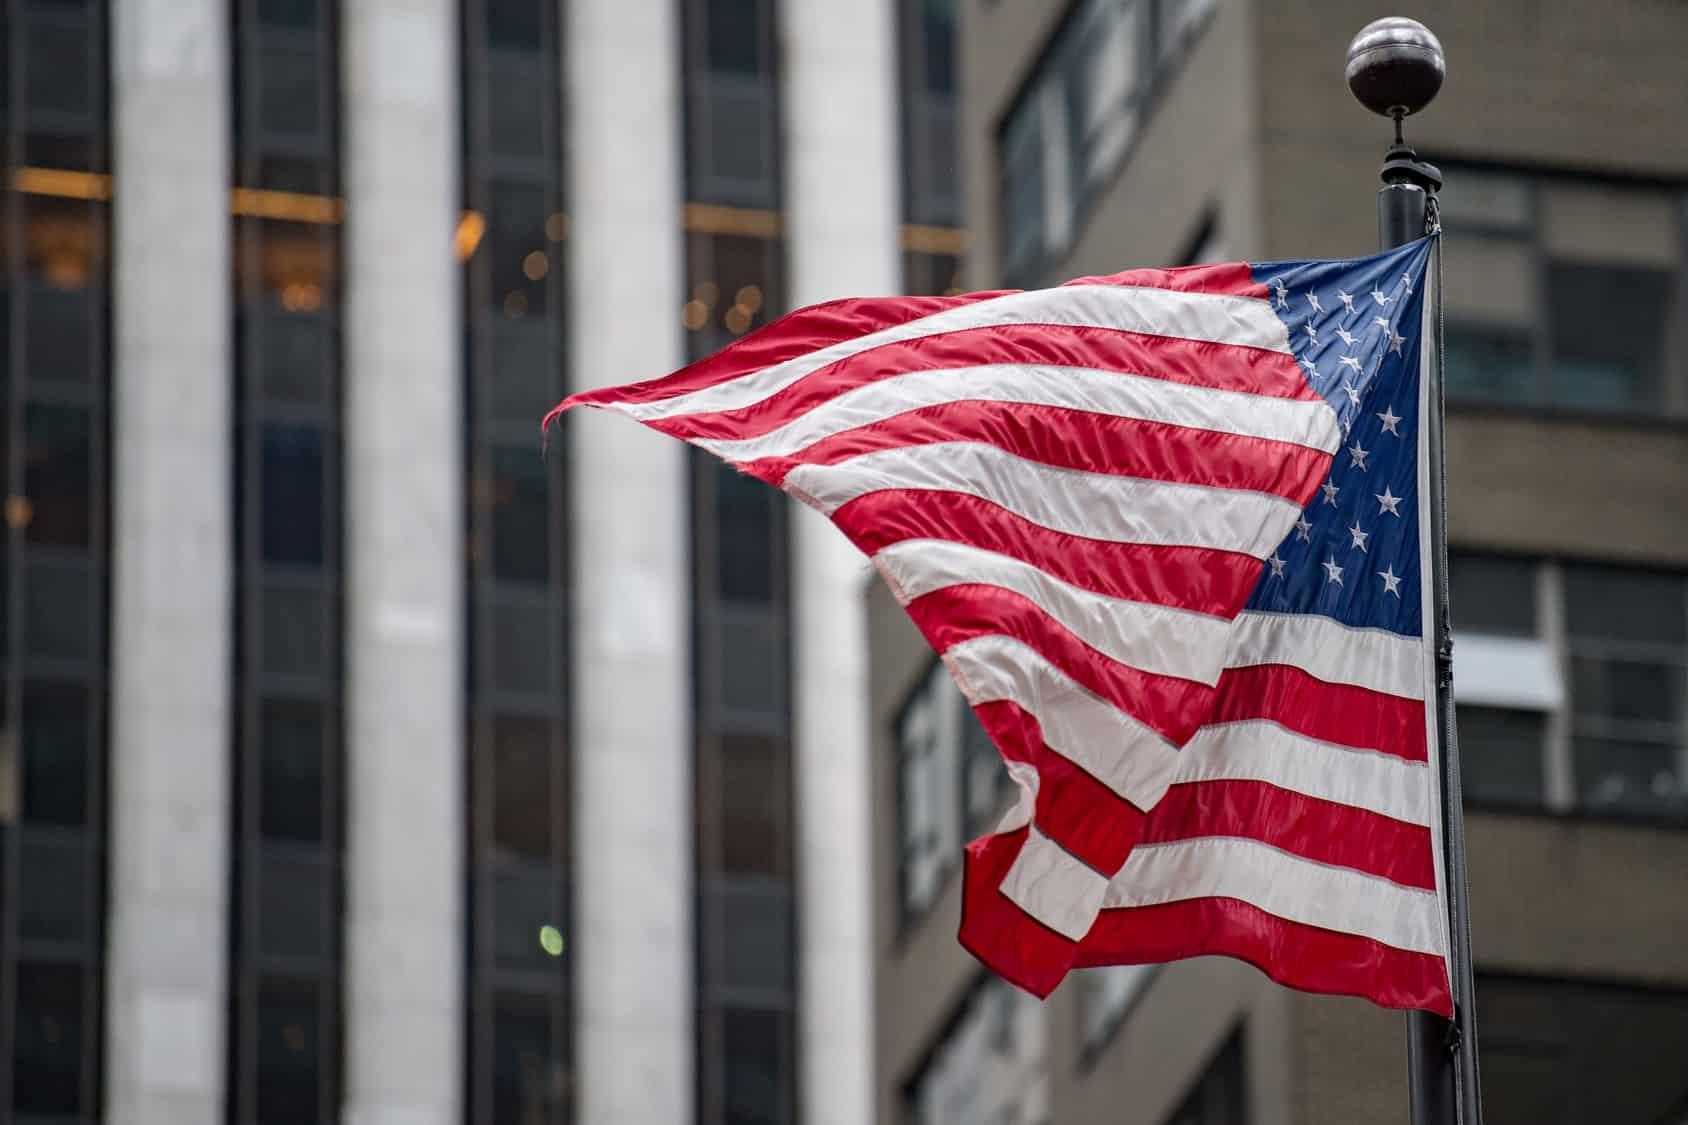 El mes de julio ha estado dominado en el contexto internacional por un intenso activismo del presidente de los Estados Unidos, Donald Trump